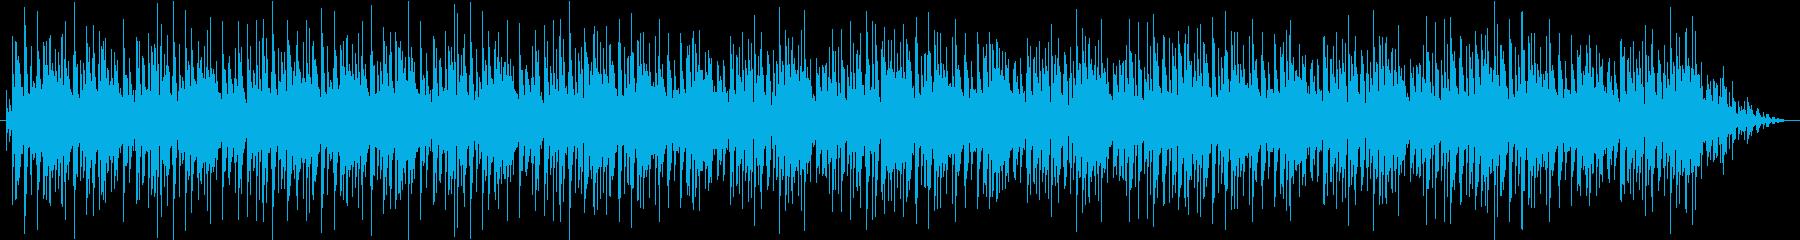 イージーゴーイングなロックンロールの再生済みの波形